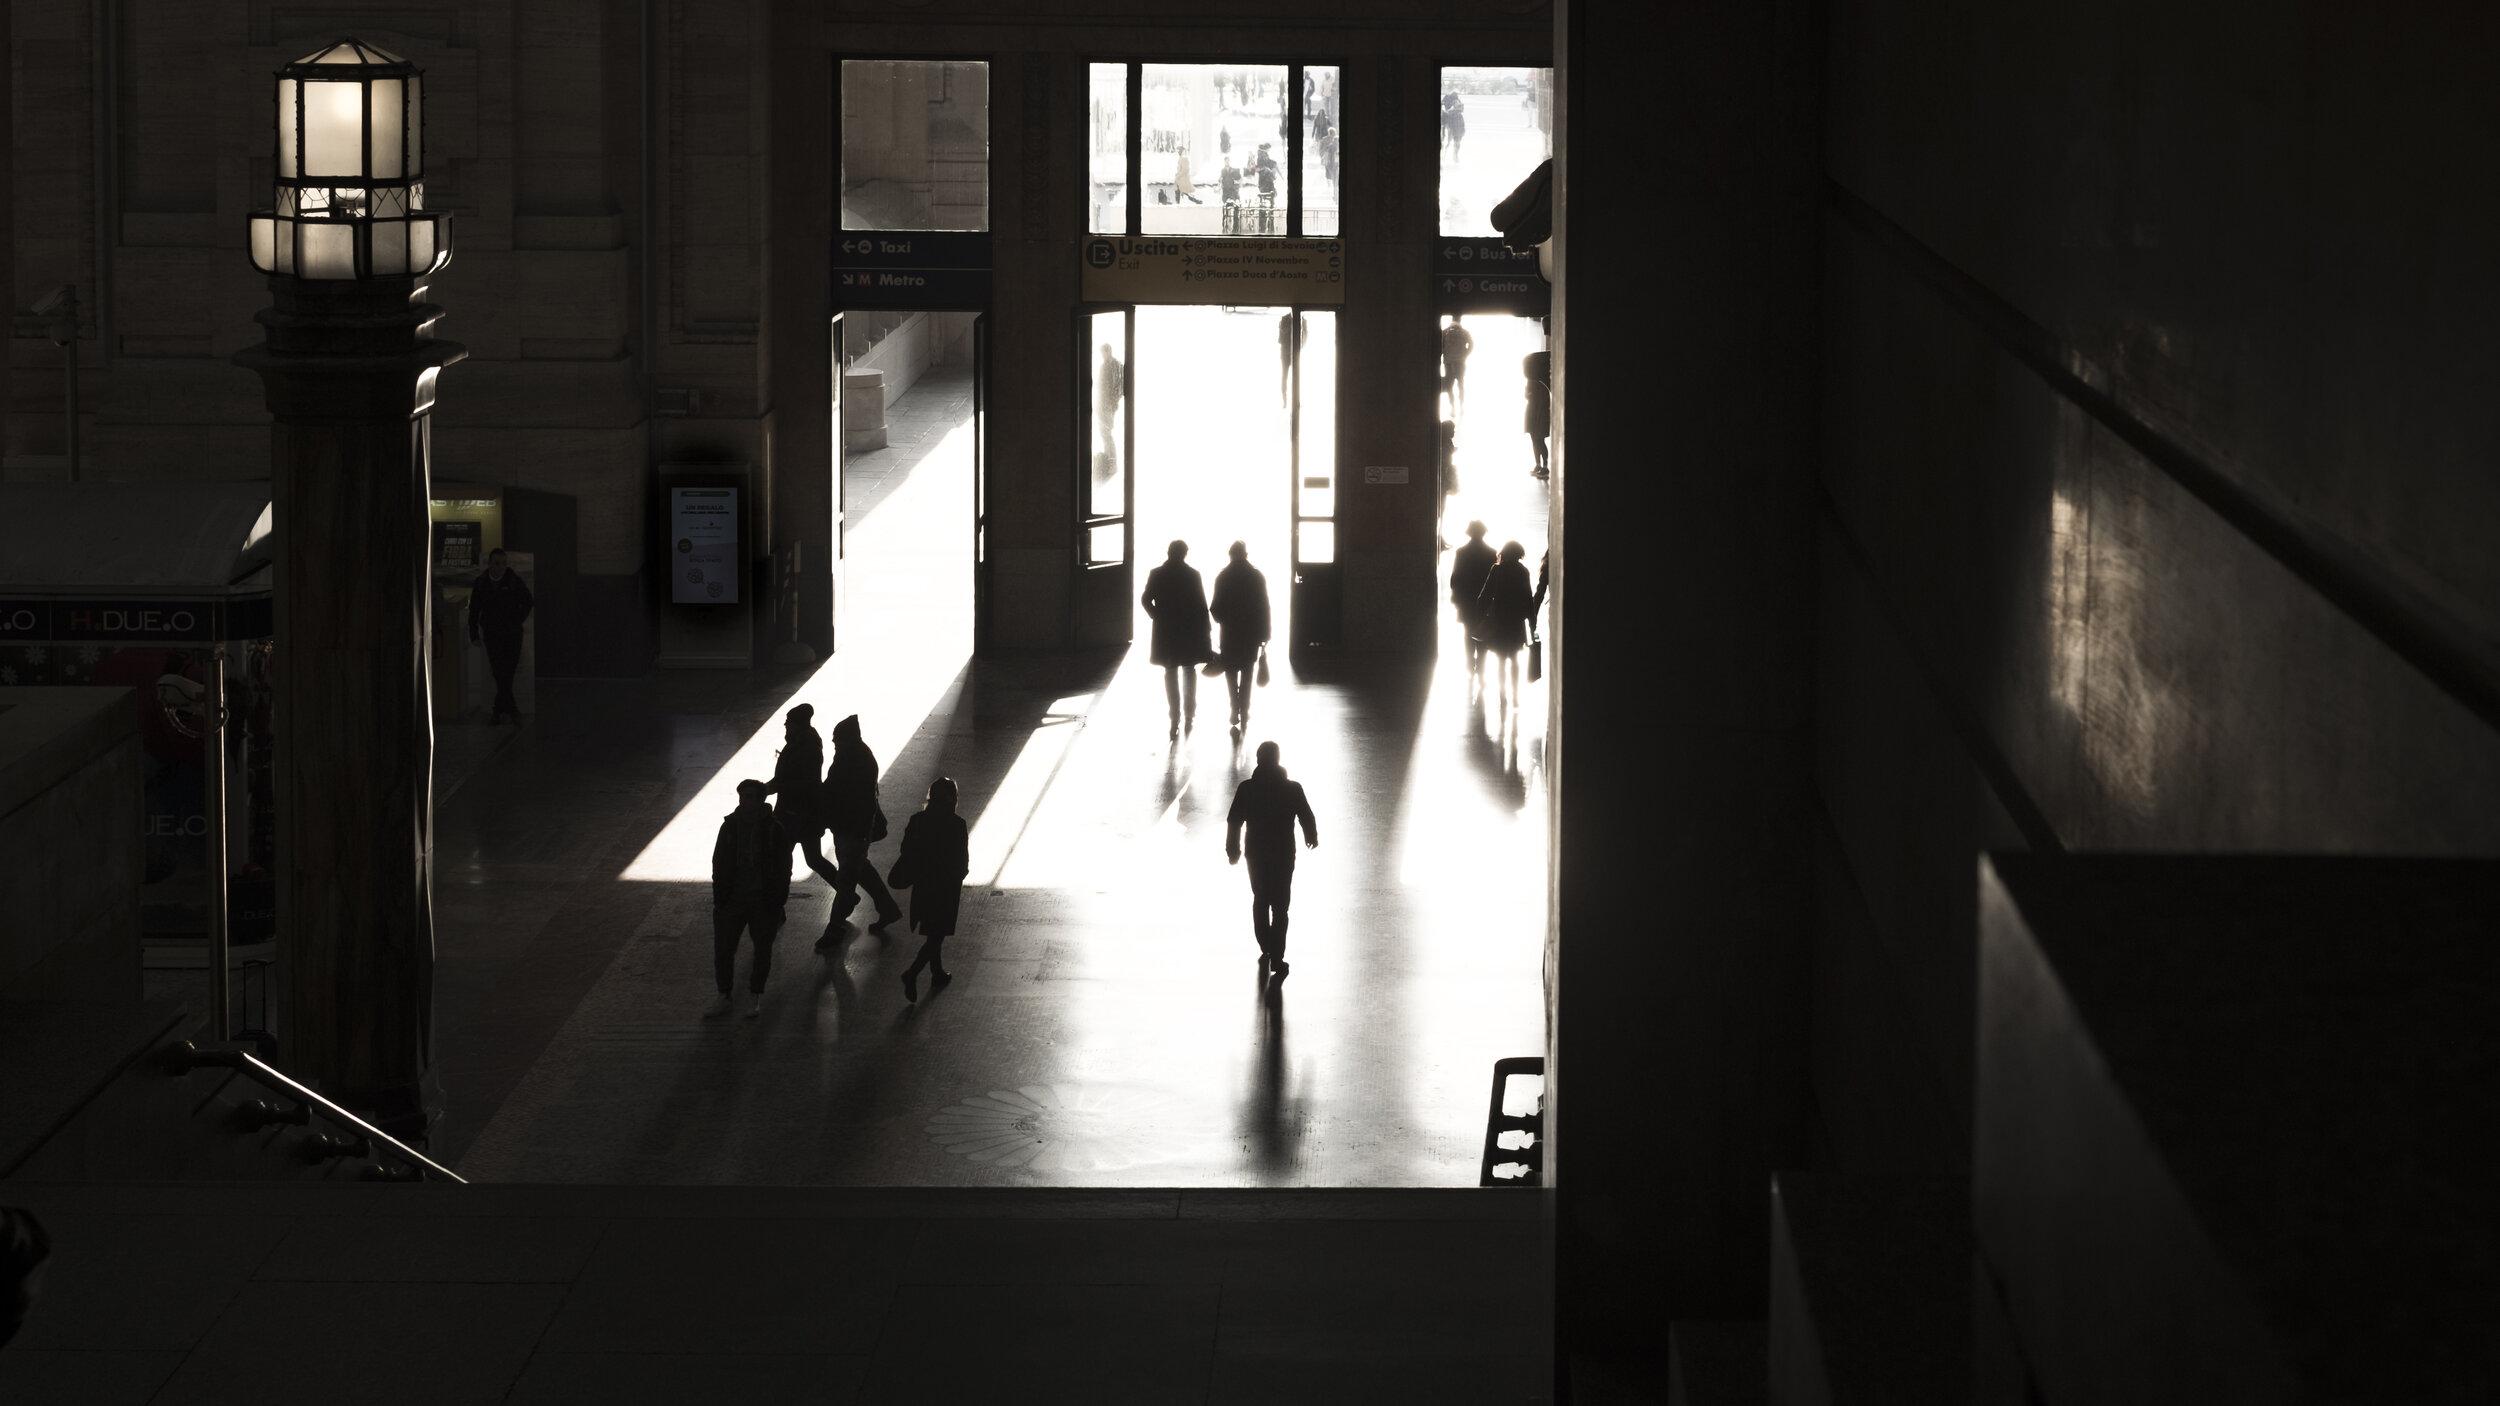 milan_station.jpg